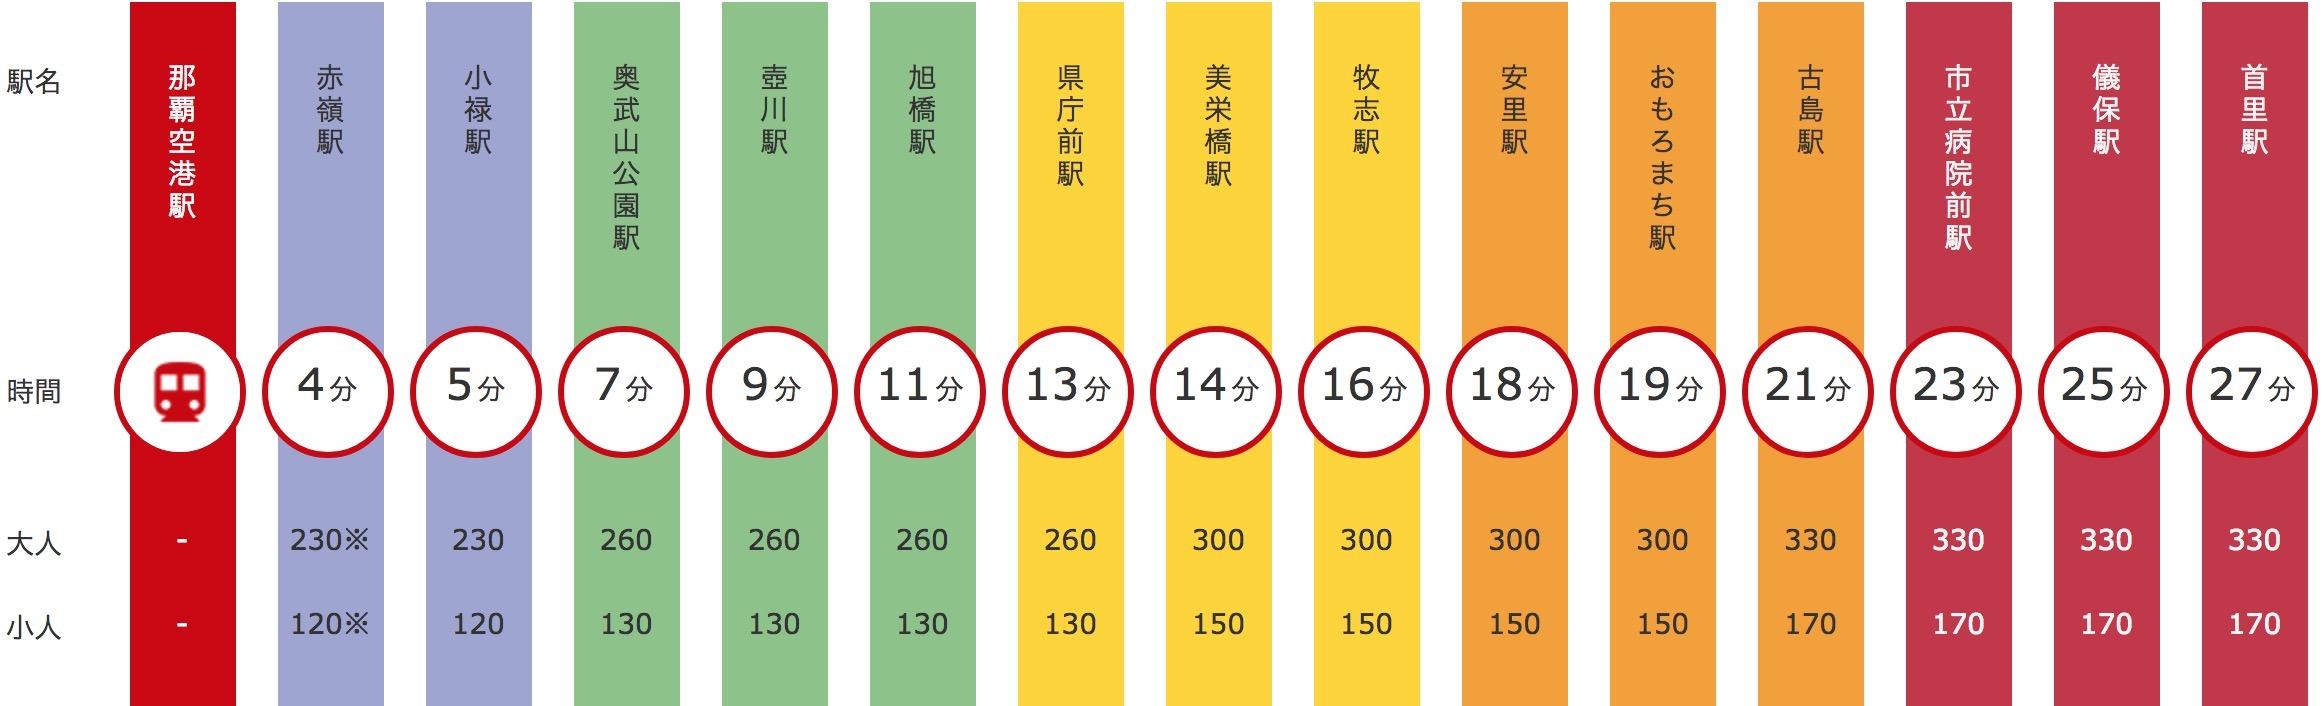 沖繩單軌列車車站金額時間